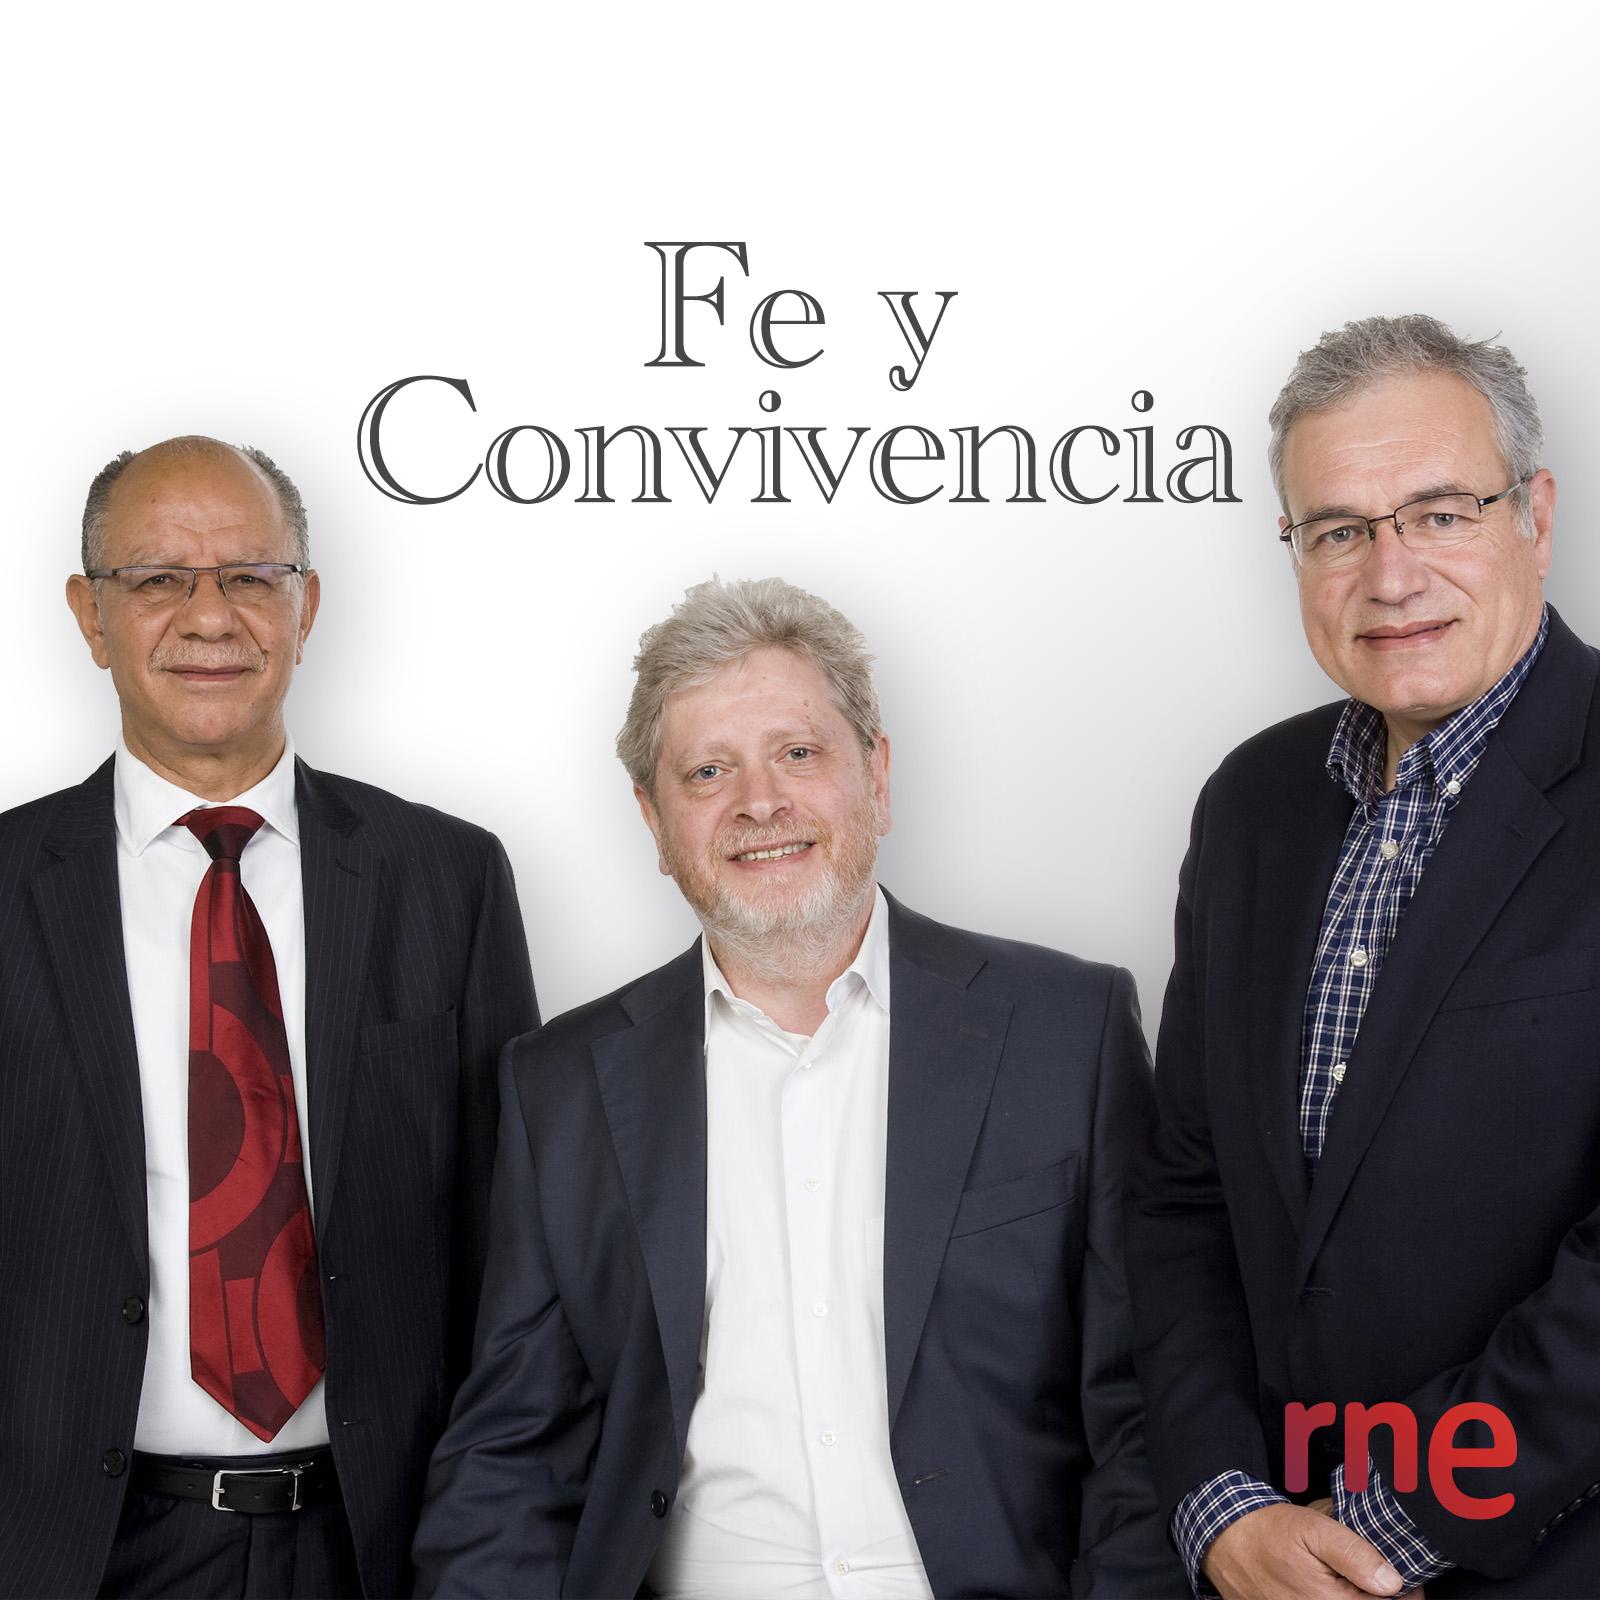 Fe y convivencia: Islam, diálogo y convivencia - El Islam en Europa - 04/09/11